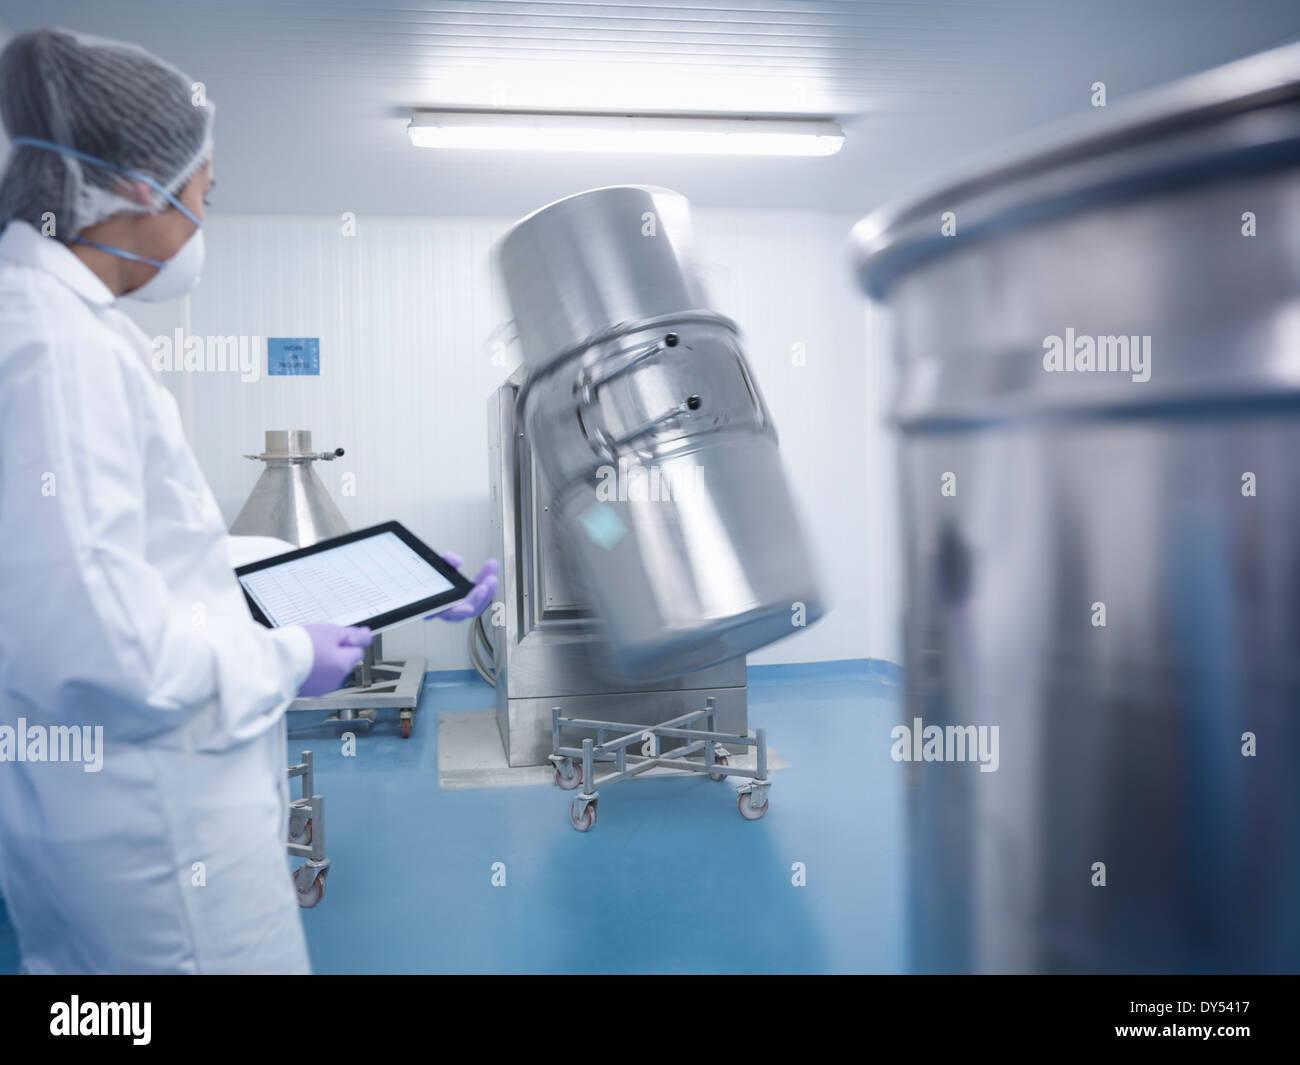 Arbeiter halten digital-Tablette und beobachtete Zutat Mischmaschine in pharmazeutische Fabrik Stockbild